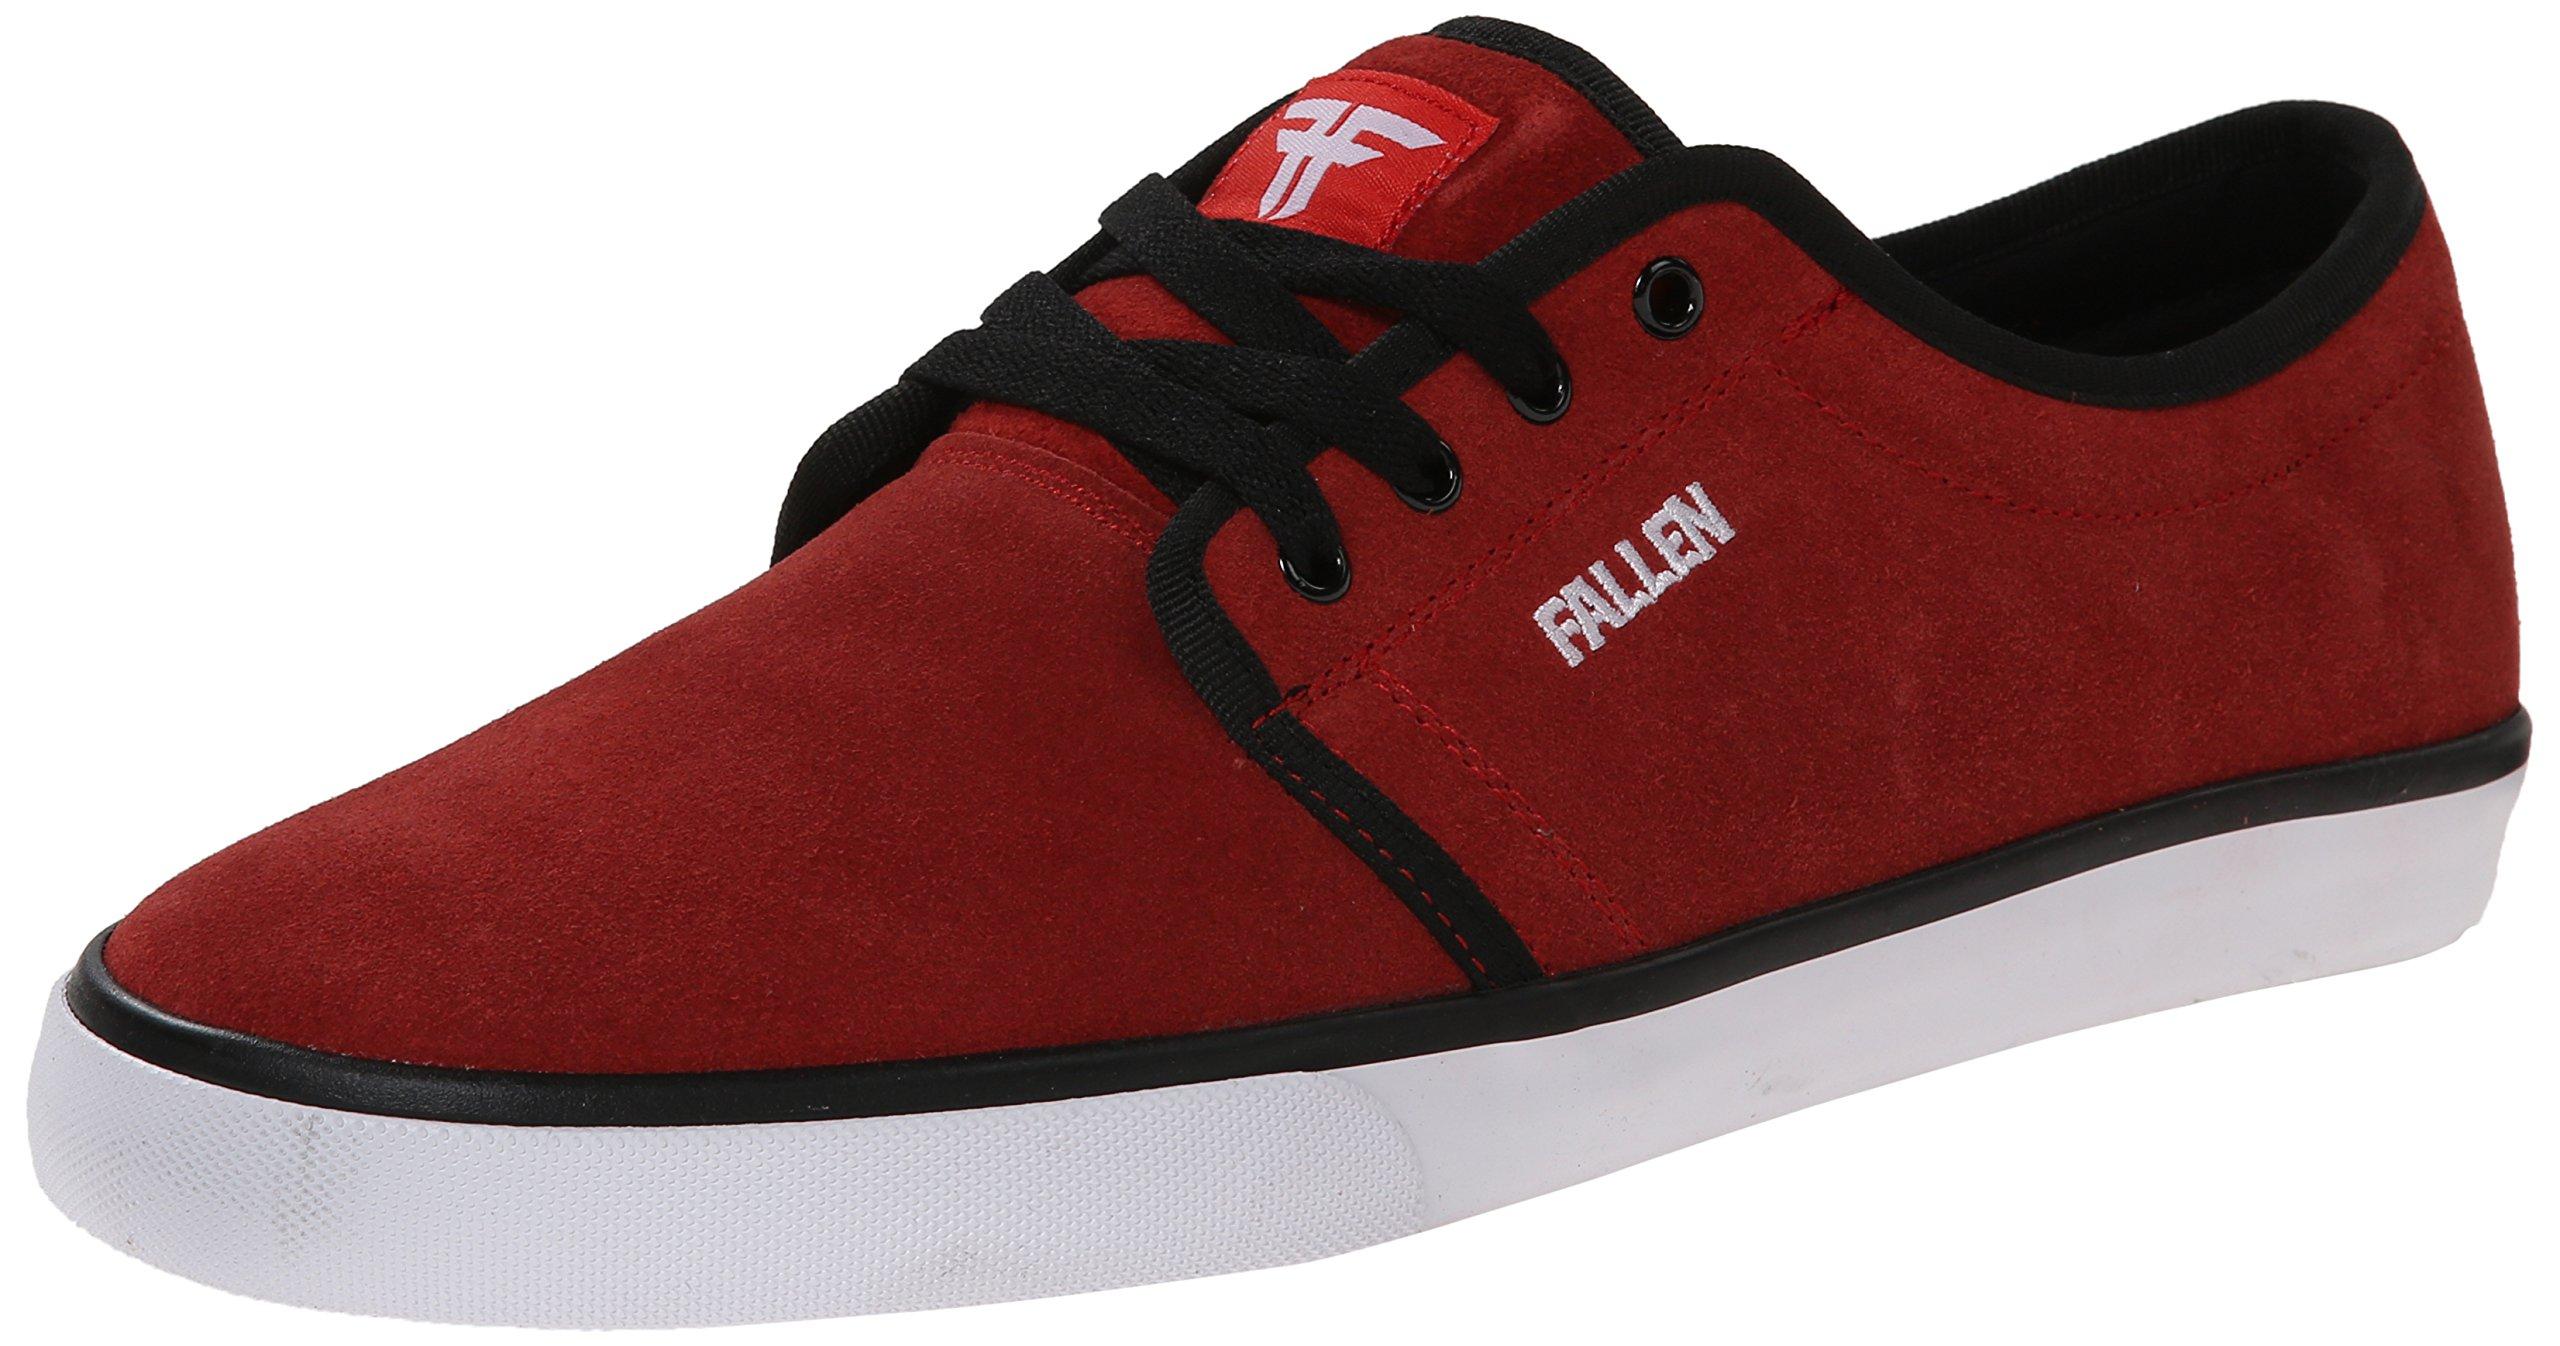 Fallen Men's Forte 2 Skateboard Shoe, Blood Red/White, 12 M US by Fallen